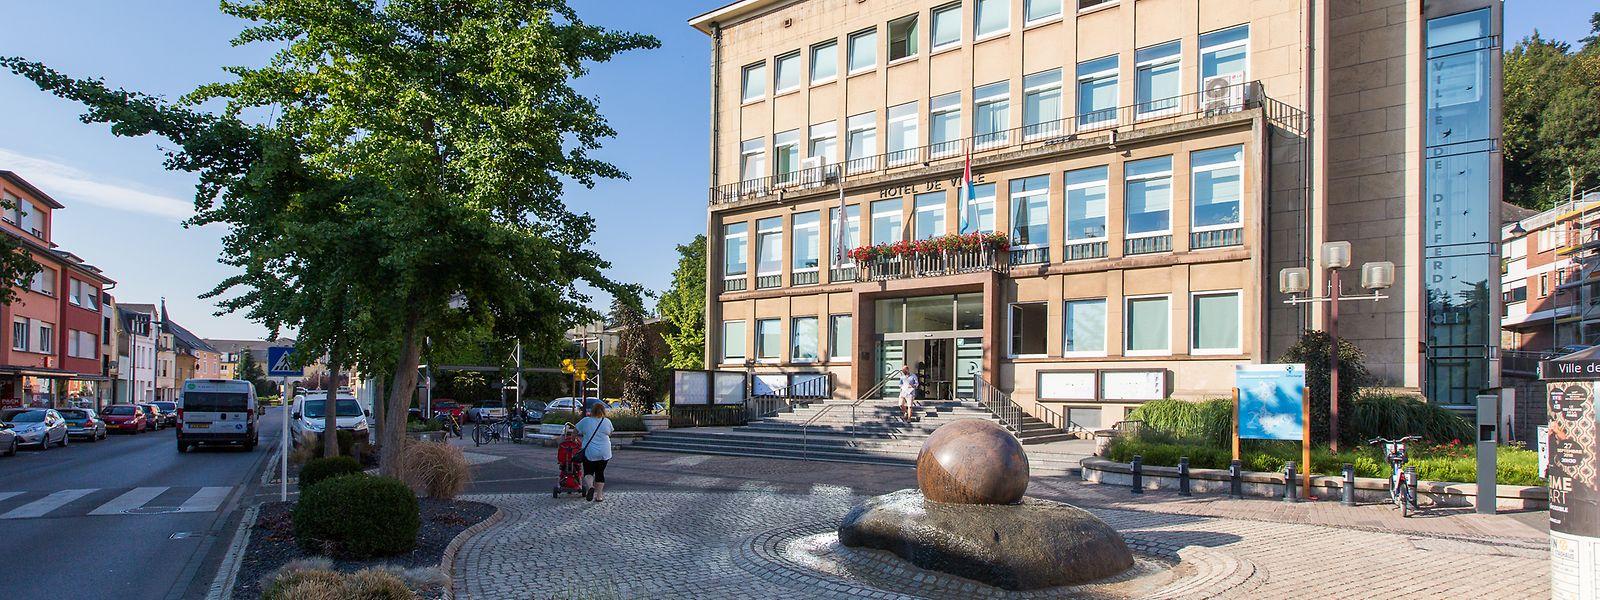 Im Differdinger Rathaus gibt es viele verschiedene Ansichten über die Ereignisse der vergangenen Tage.